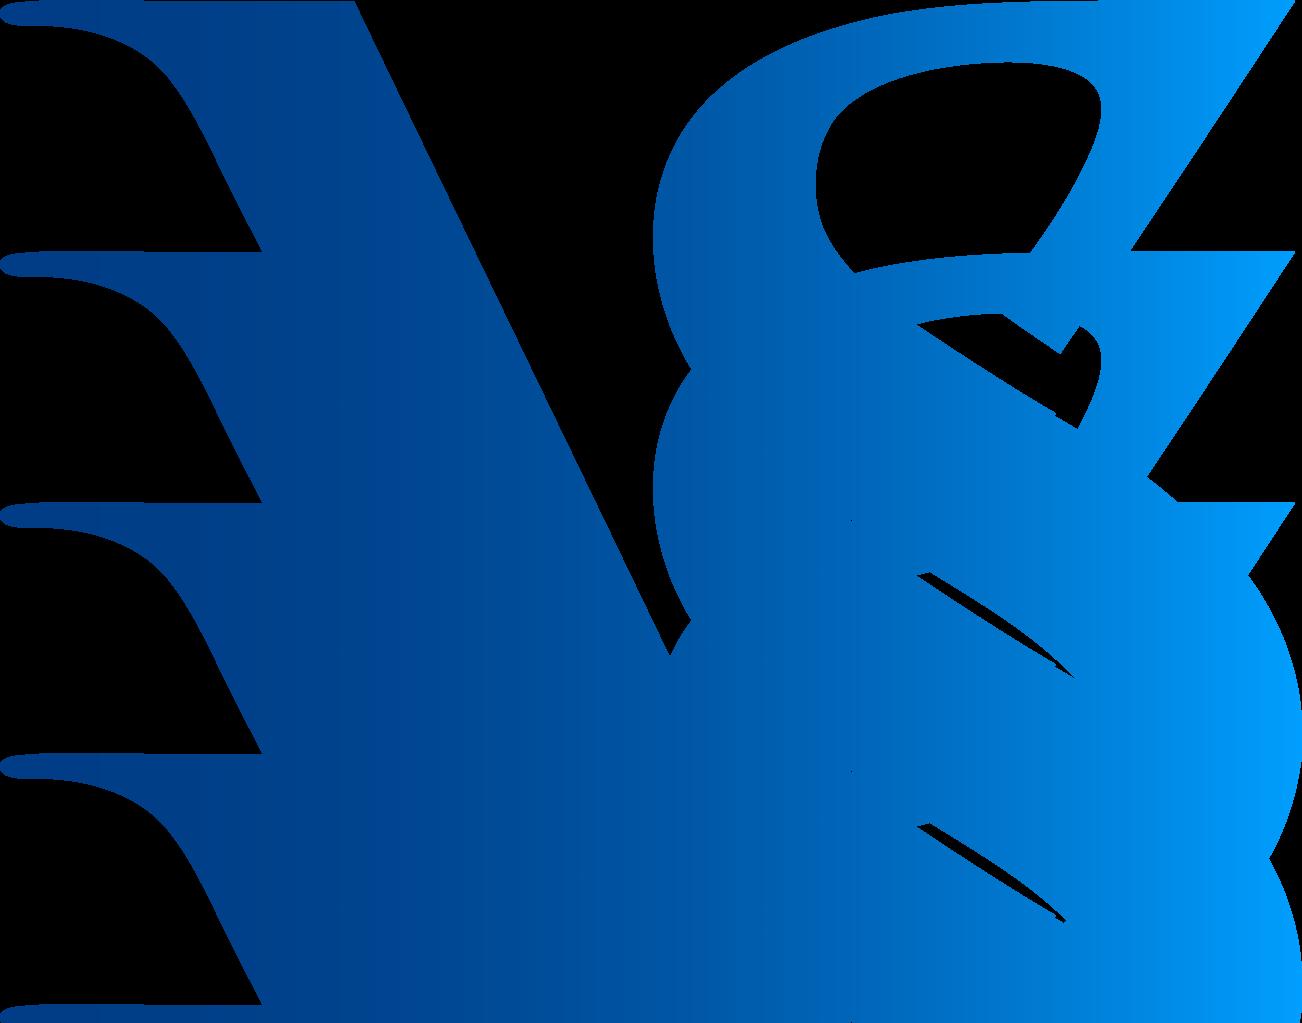 Versus Logos